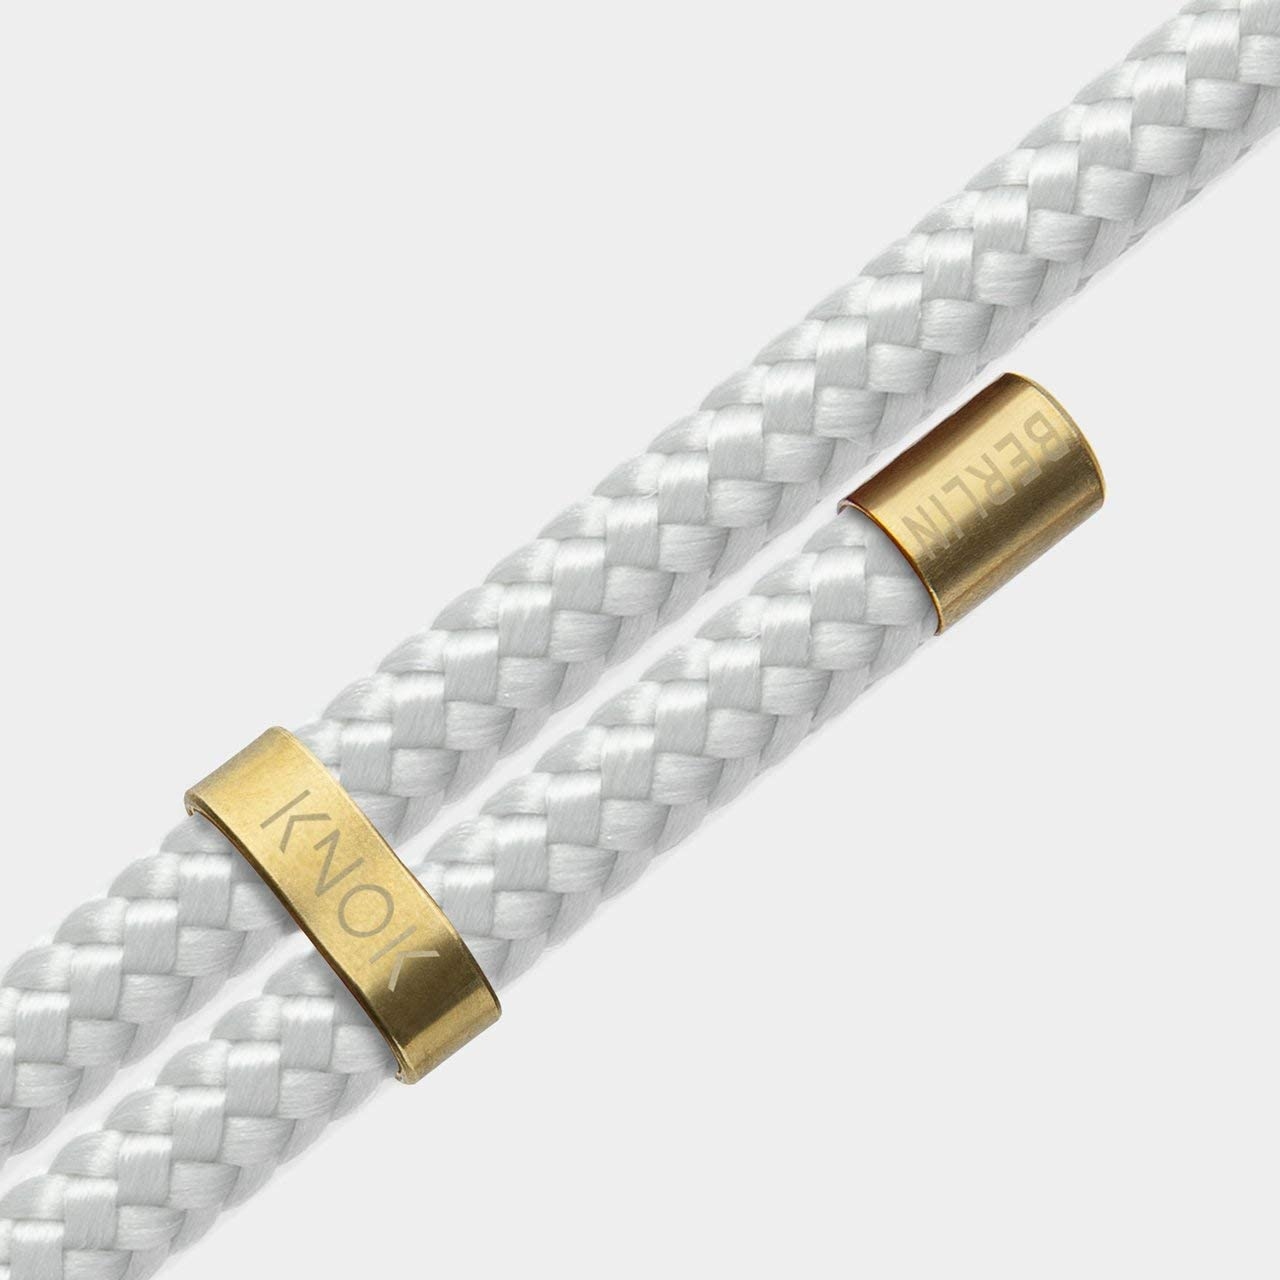 KNOK Schl/üsselband Anh/änger mit Kordel zum Umh/ängen Umh/ängeband Handgefertigt Grau